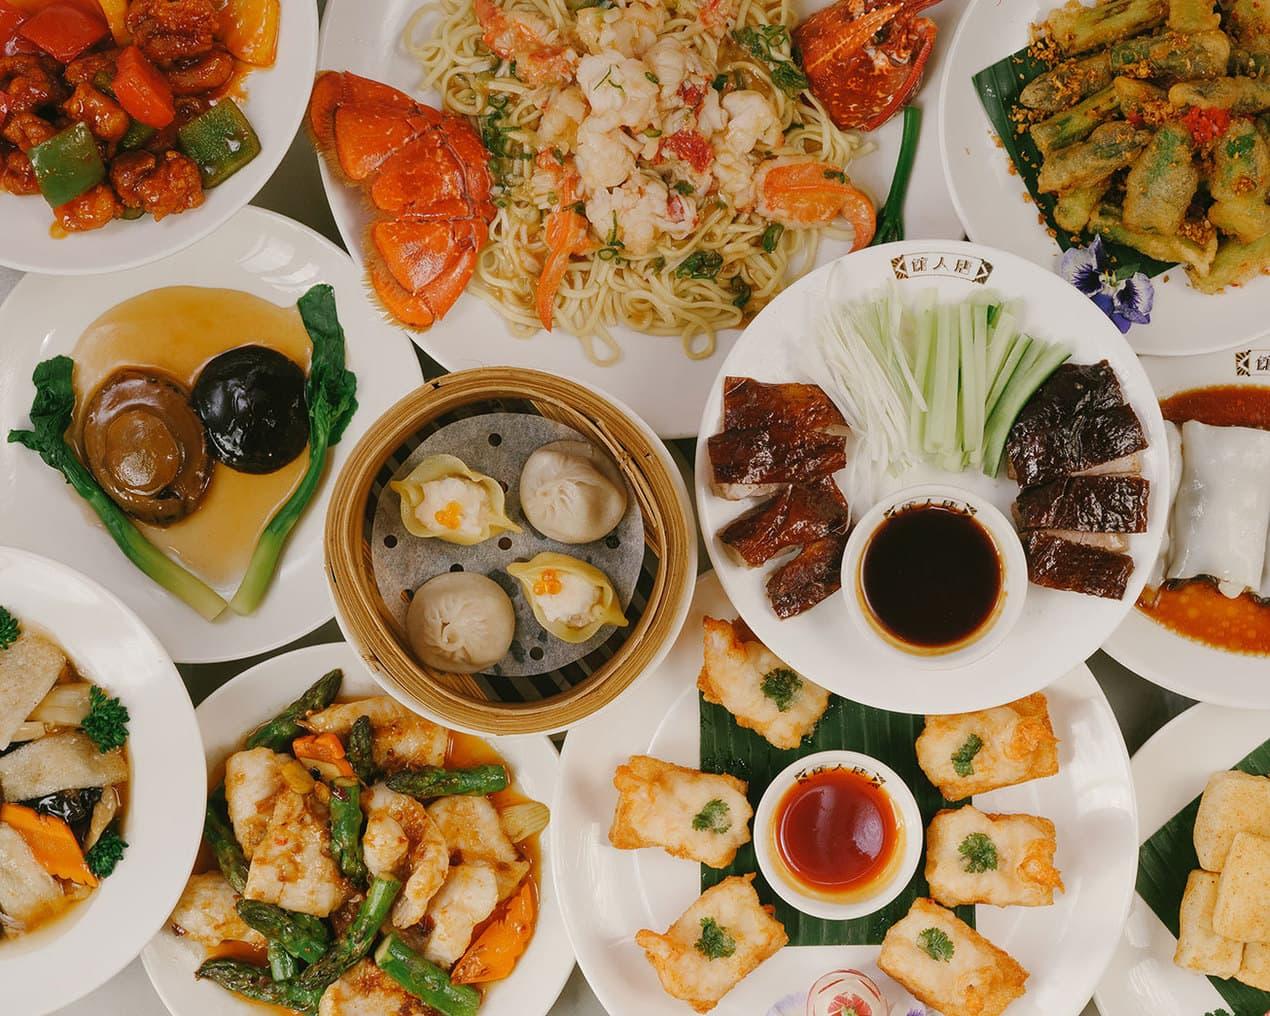 Chinese food at China Tang, shot from above